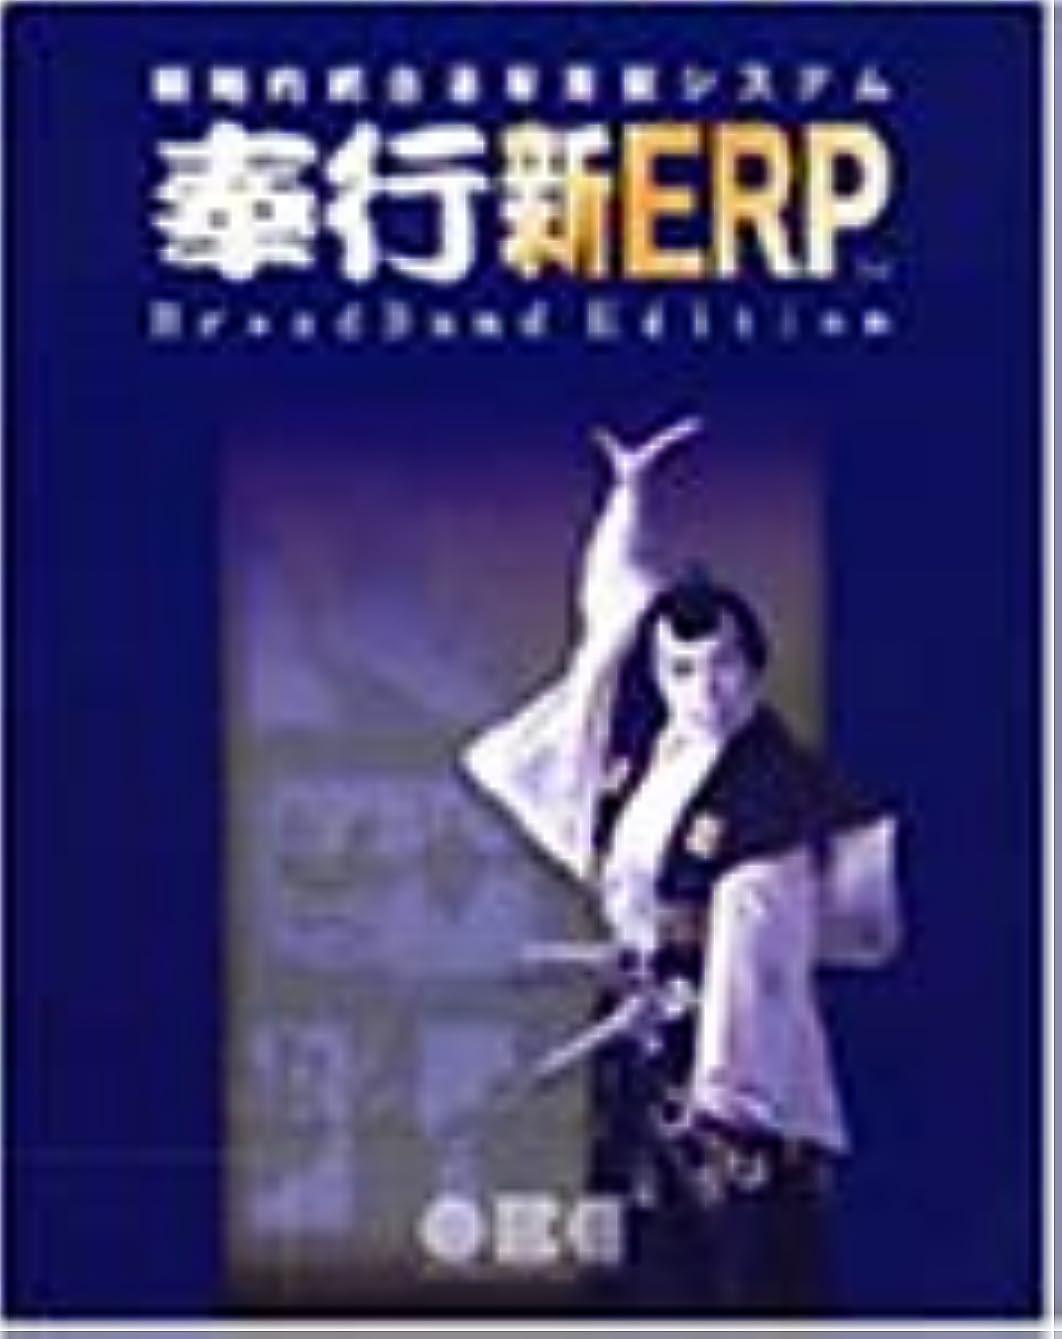 オーロック隠された君主制建設奉行 21 新ERP BroadBand Edition with SQL Server 2000 for Windows 5ライセンス